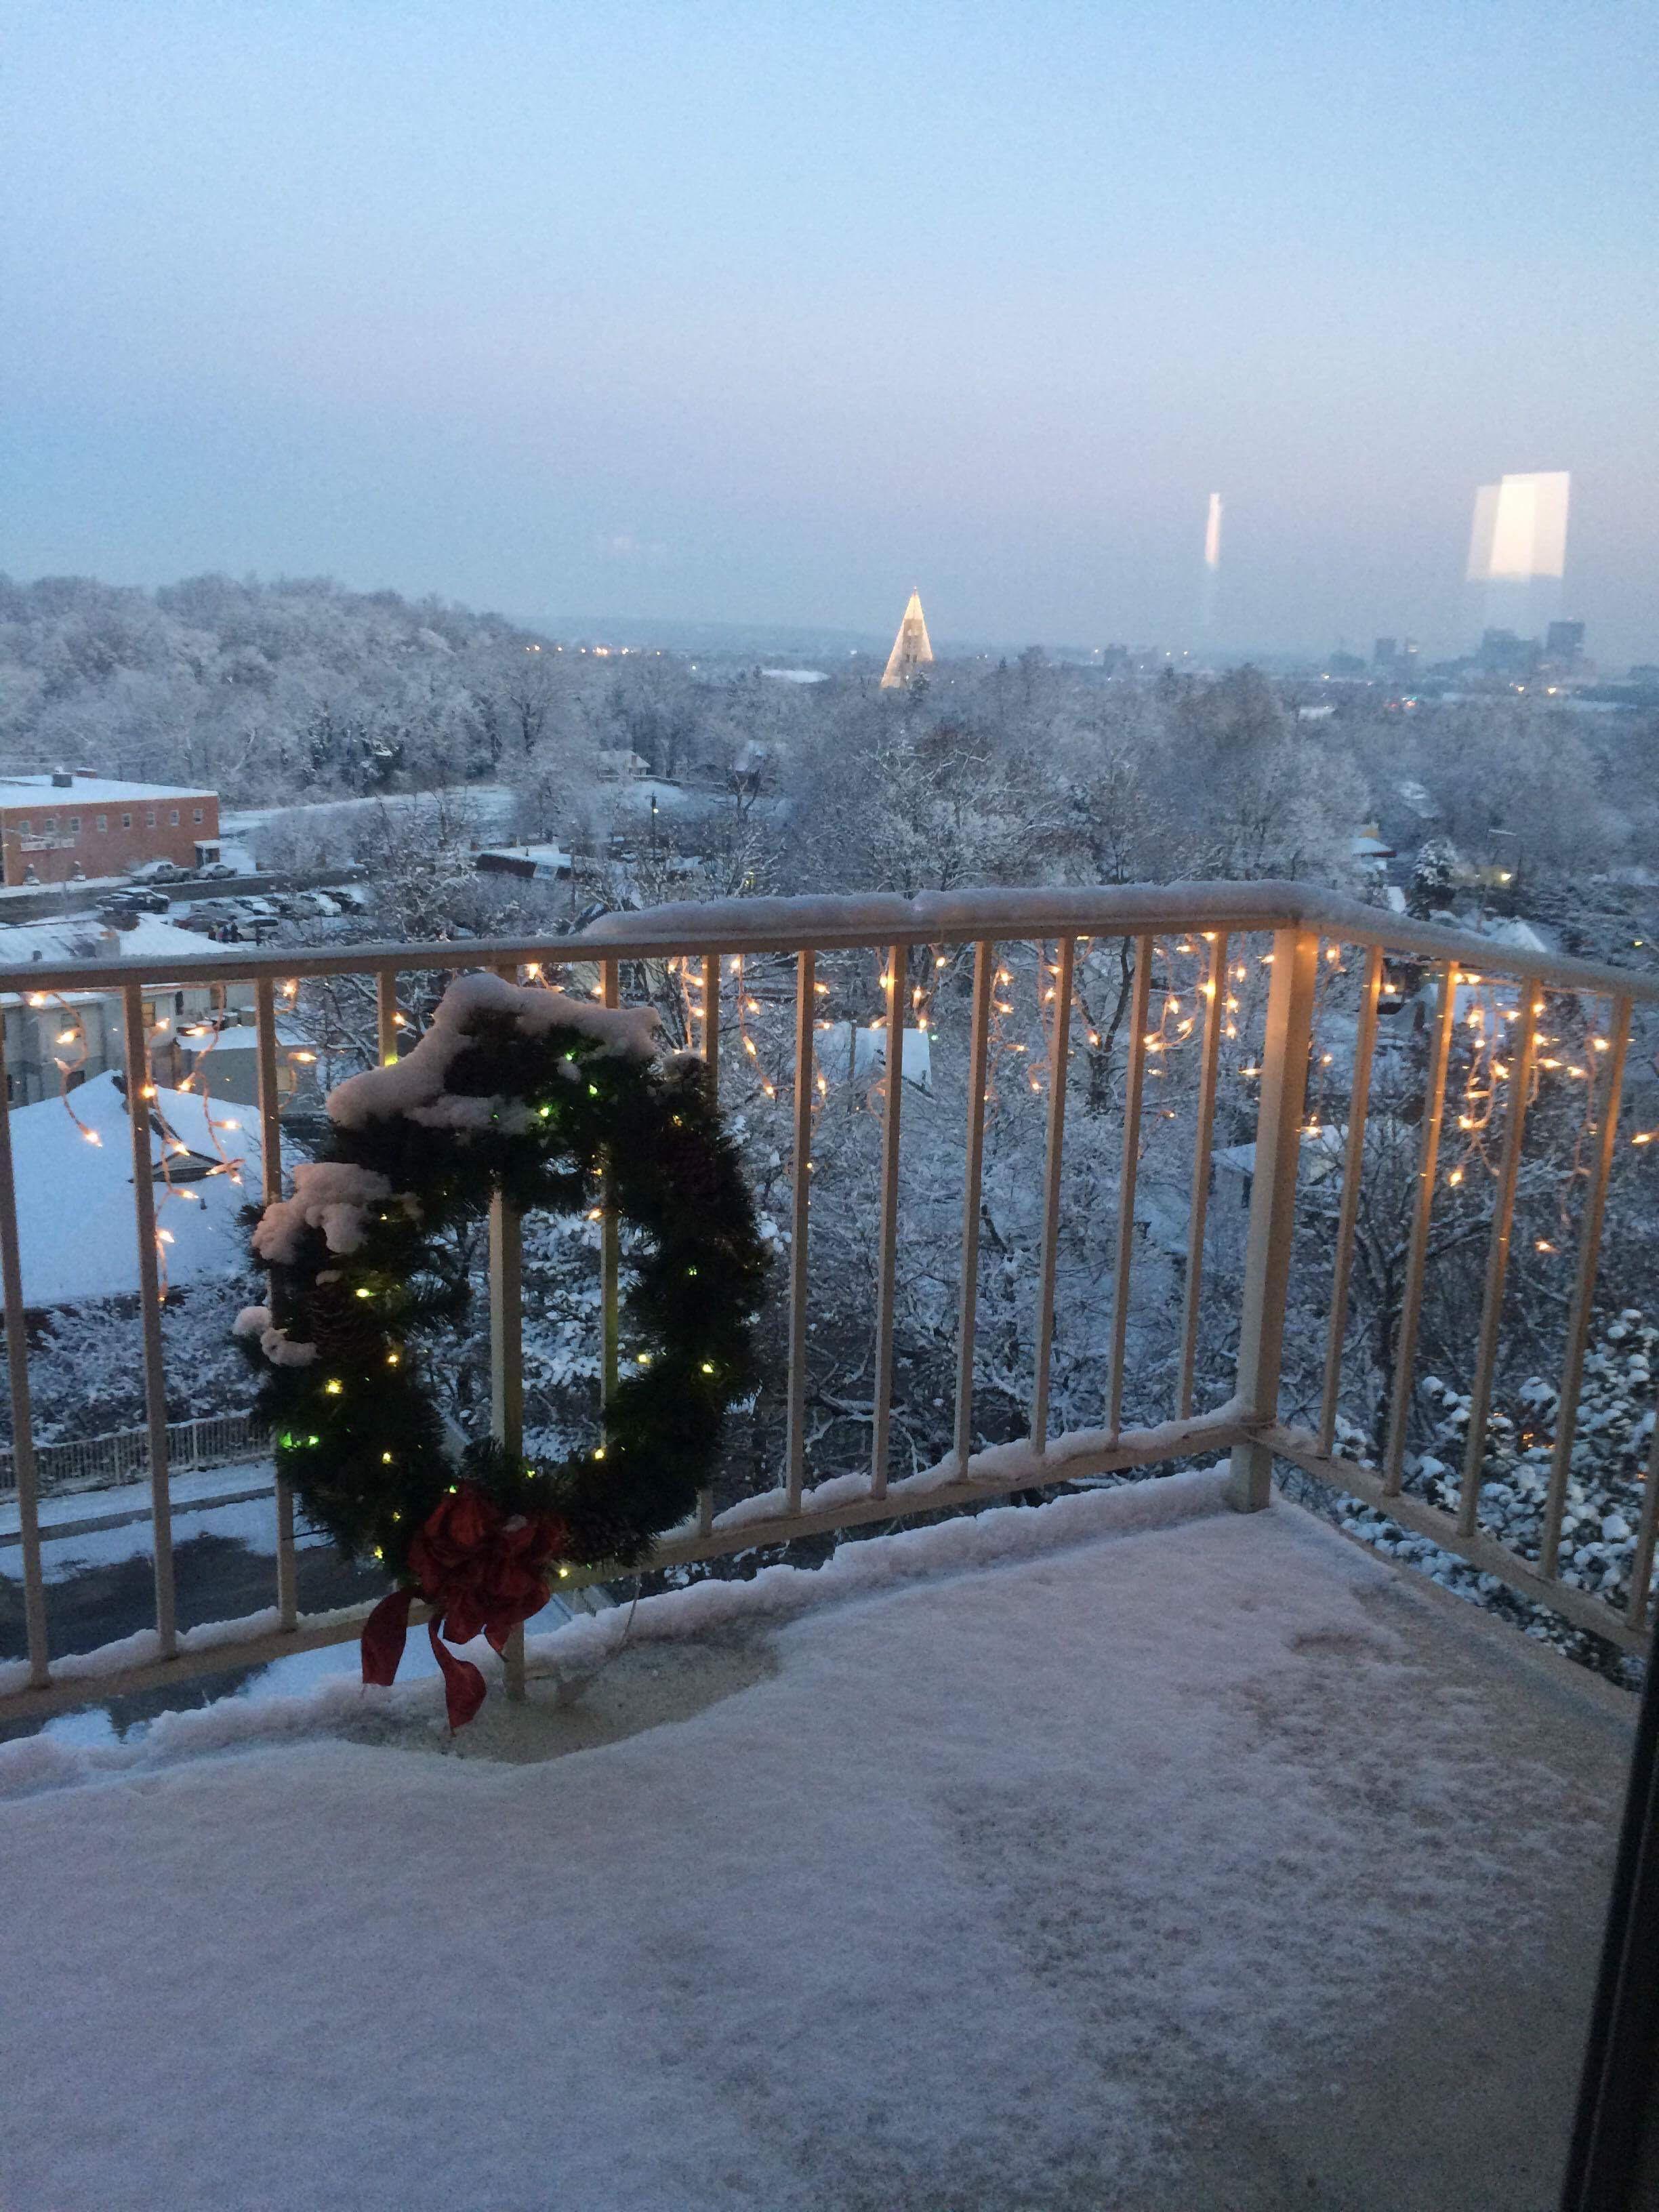 carillon_park_with_wreath_snow